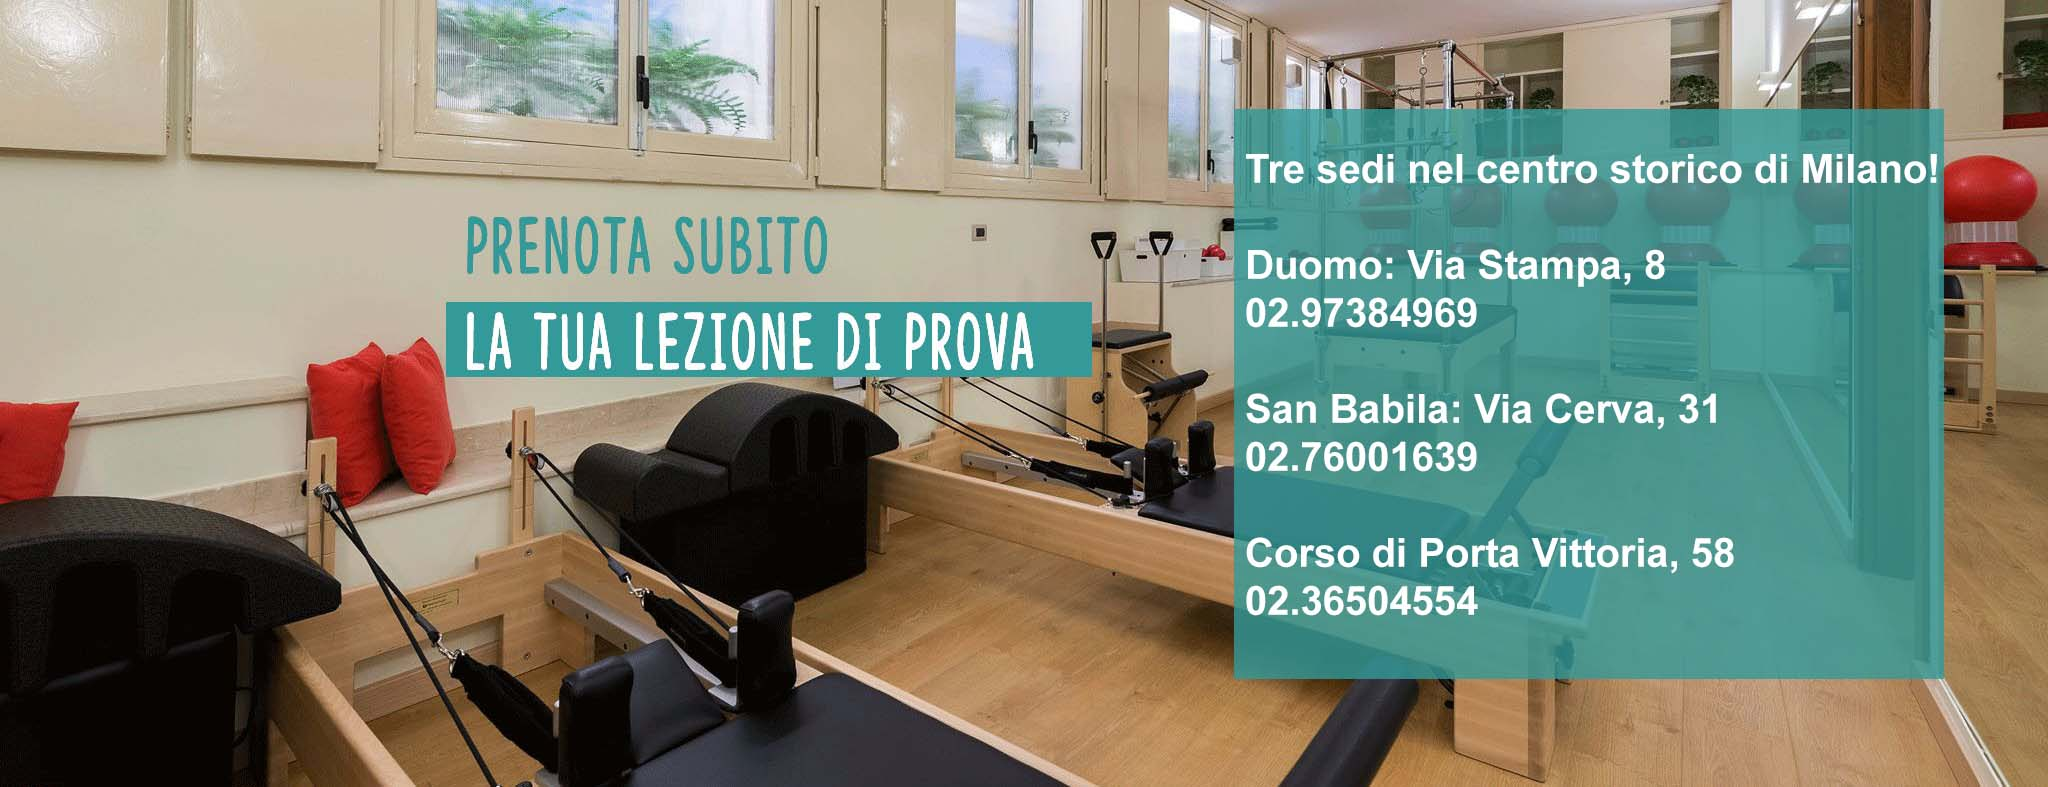 Lezioni Pilates Viale Beatrice D'Este Milano - Prenota subito la tua lezione di prova